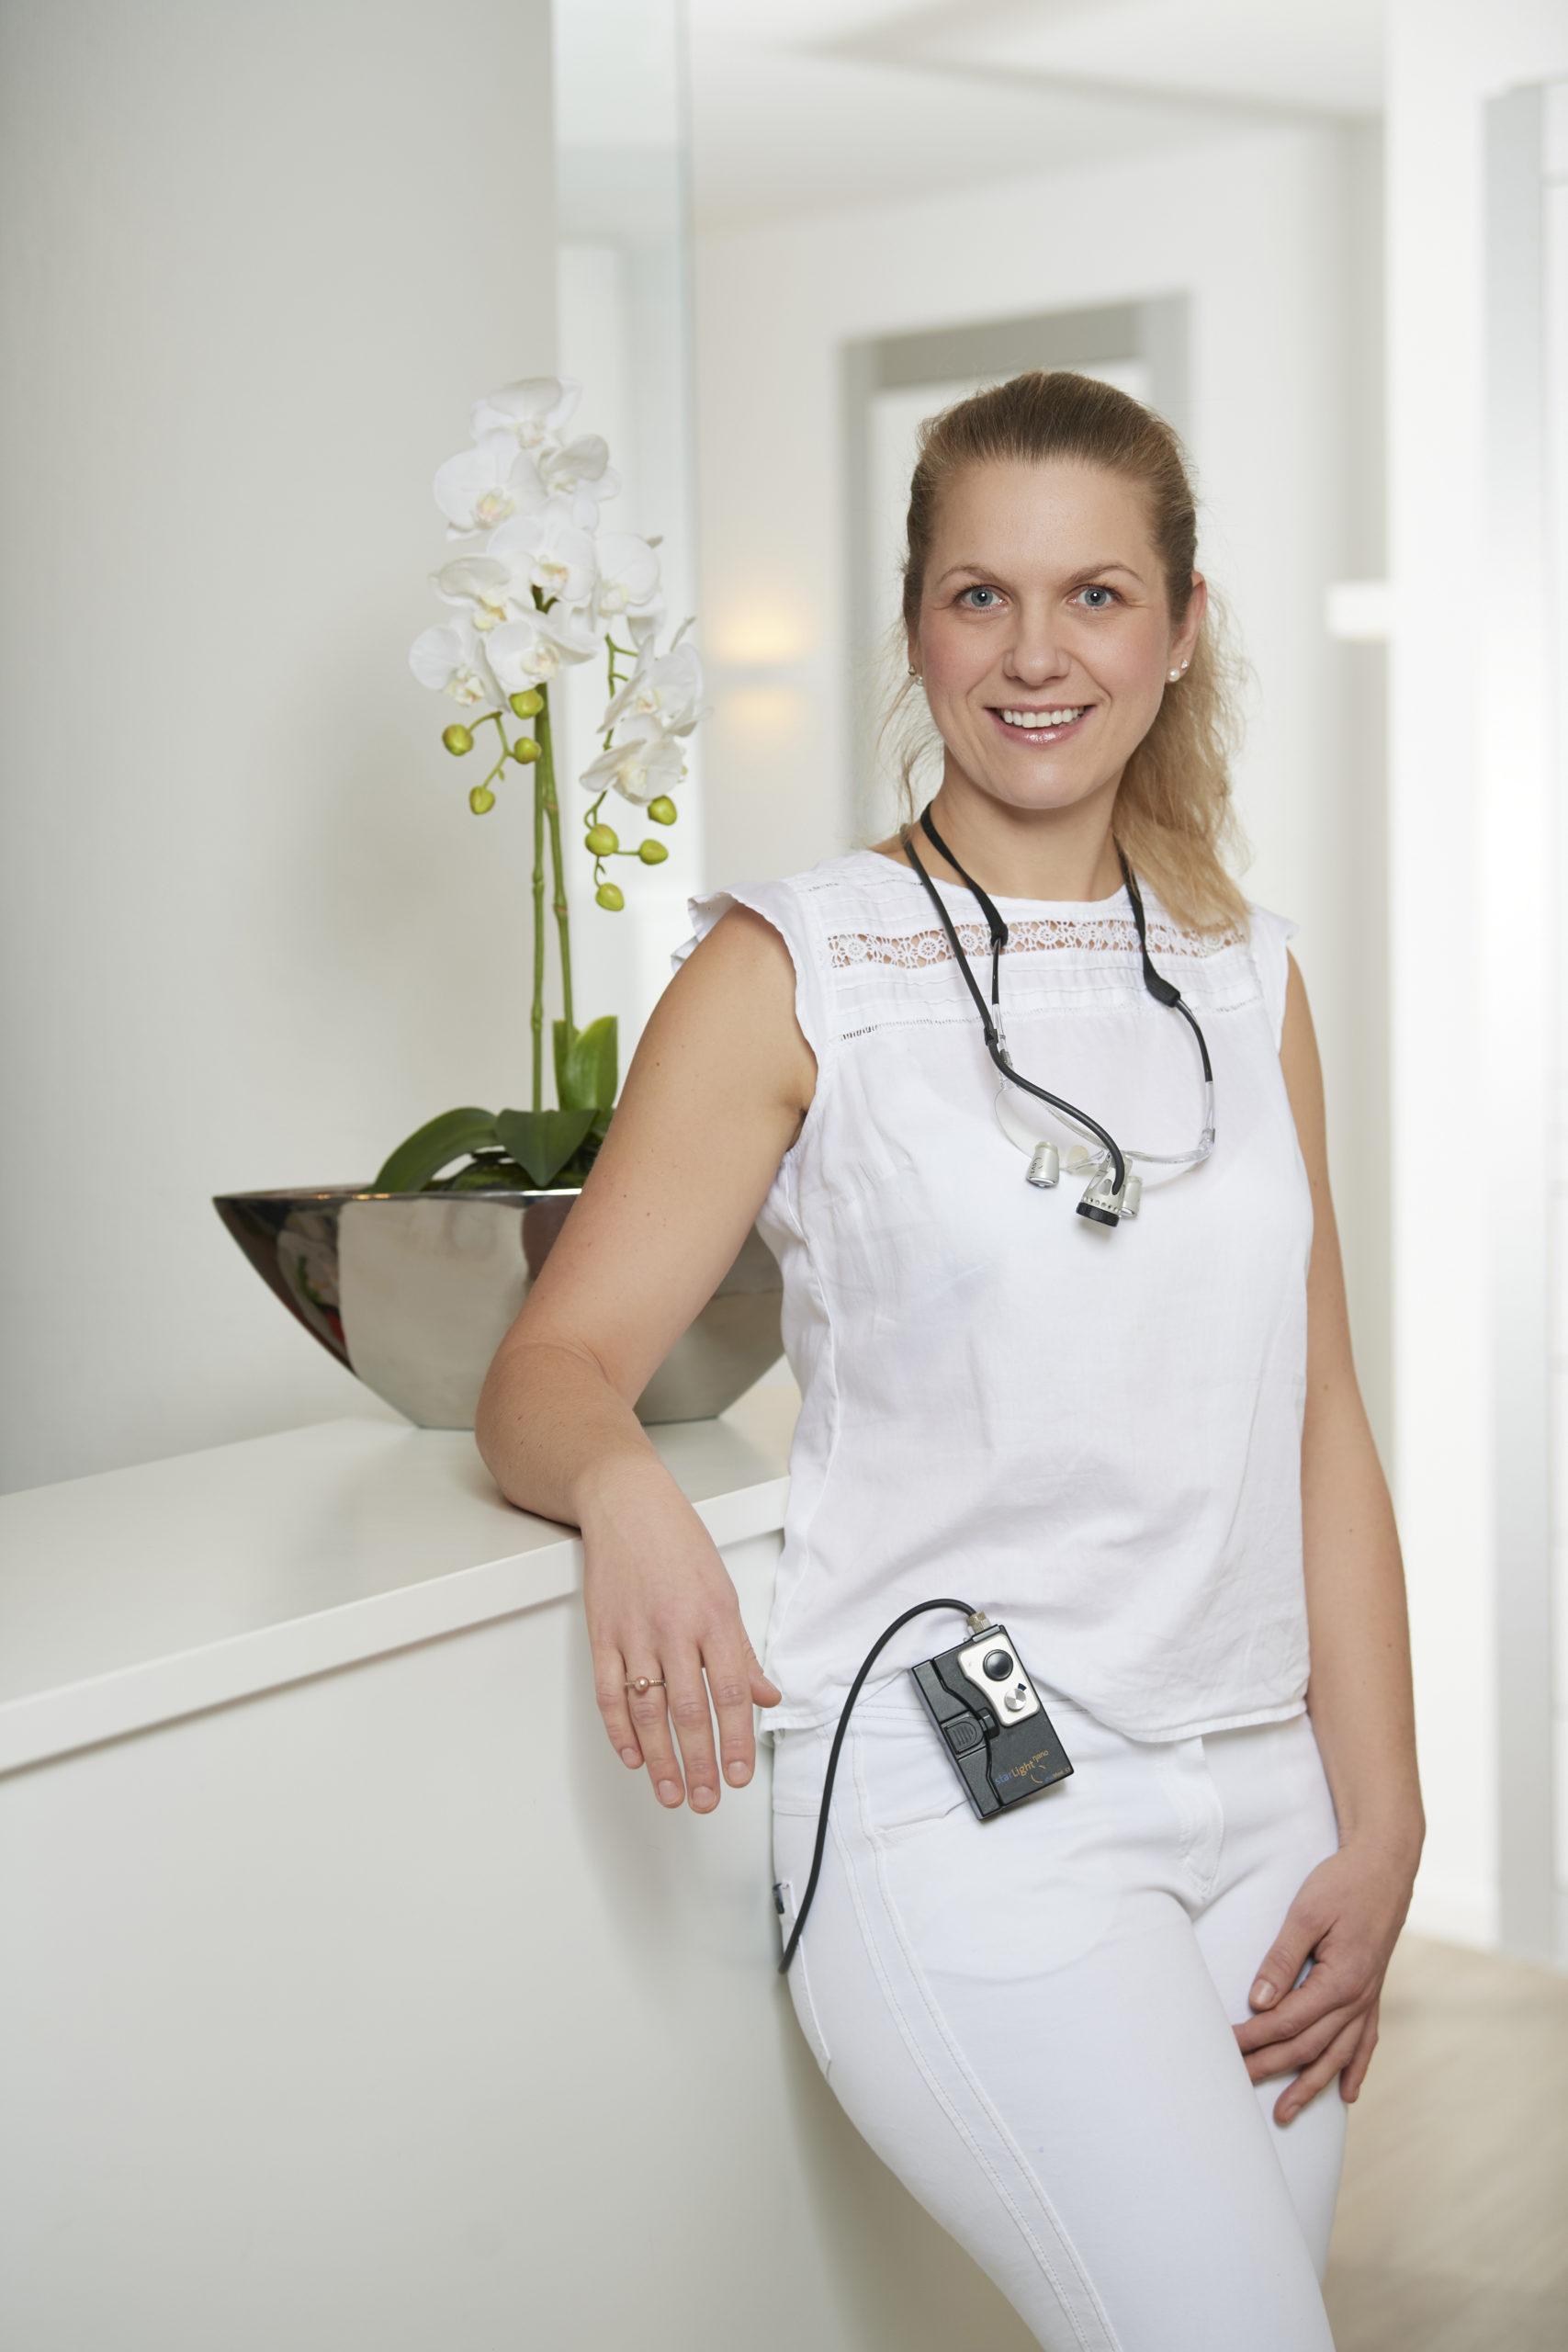 Dr. Kathrin Schwienteck